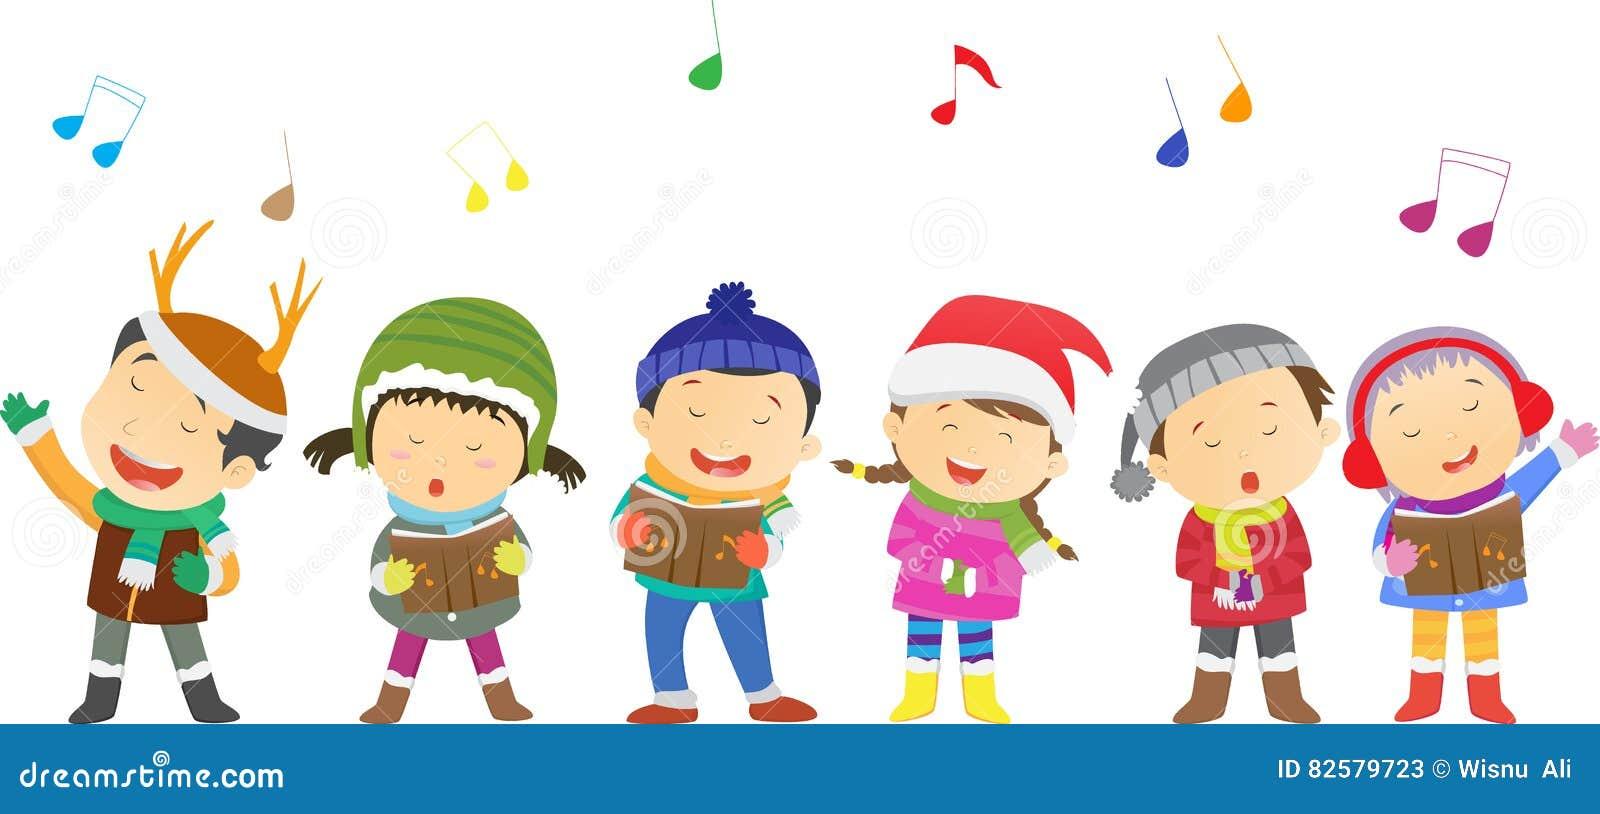 Weihnachtslieder Kinder Kostenlos.Glückliche Kinder Die Weihnachtslieder Singen Vektor Abbildung